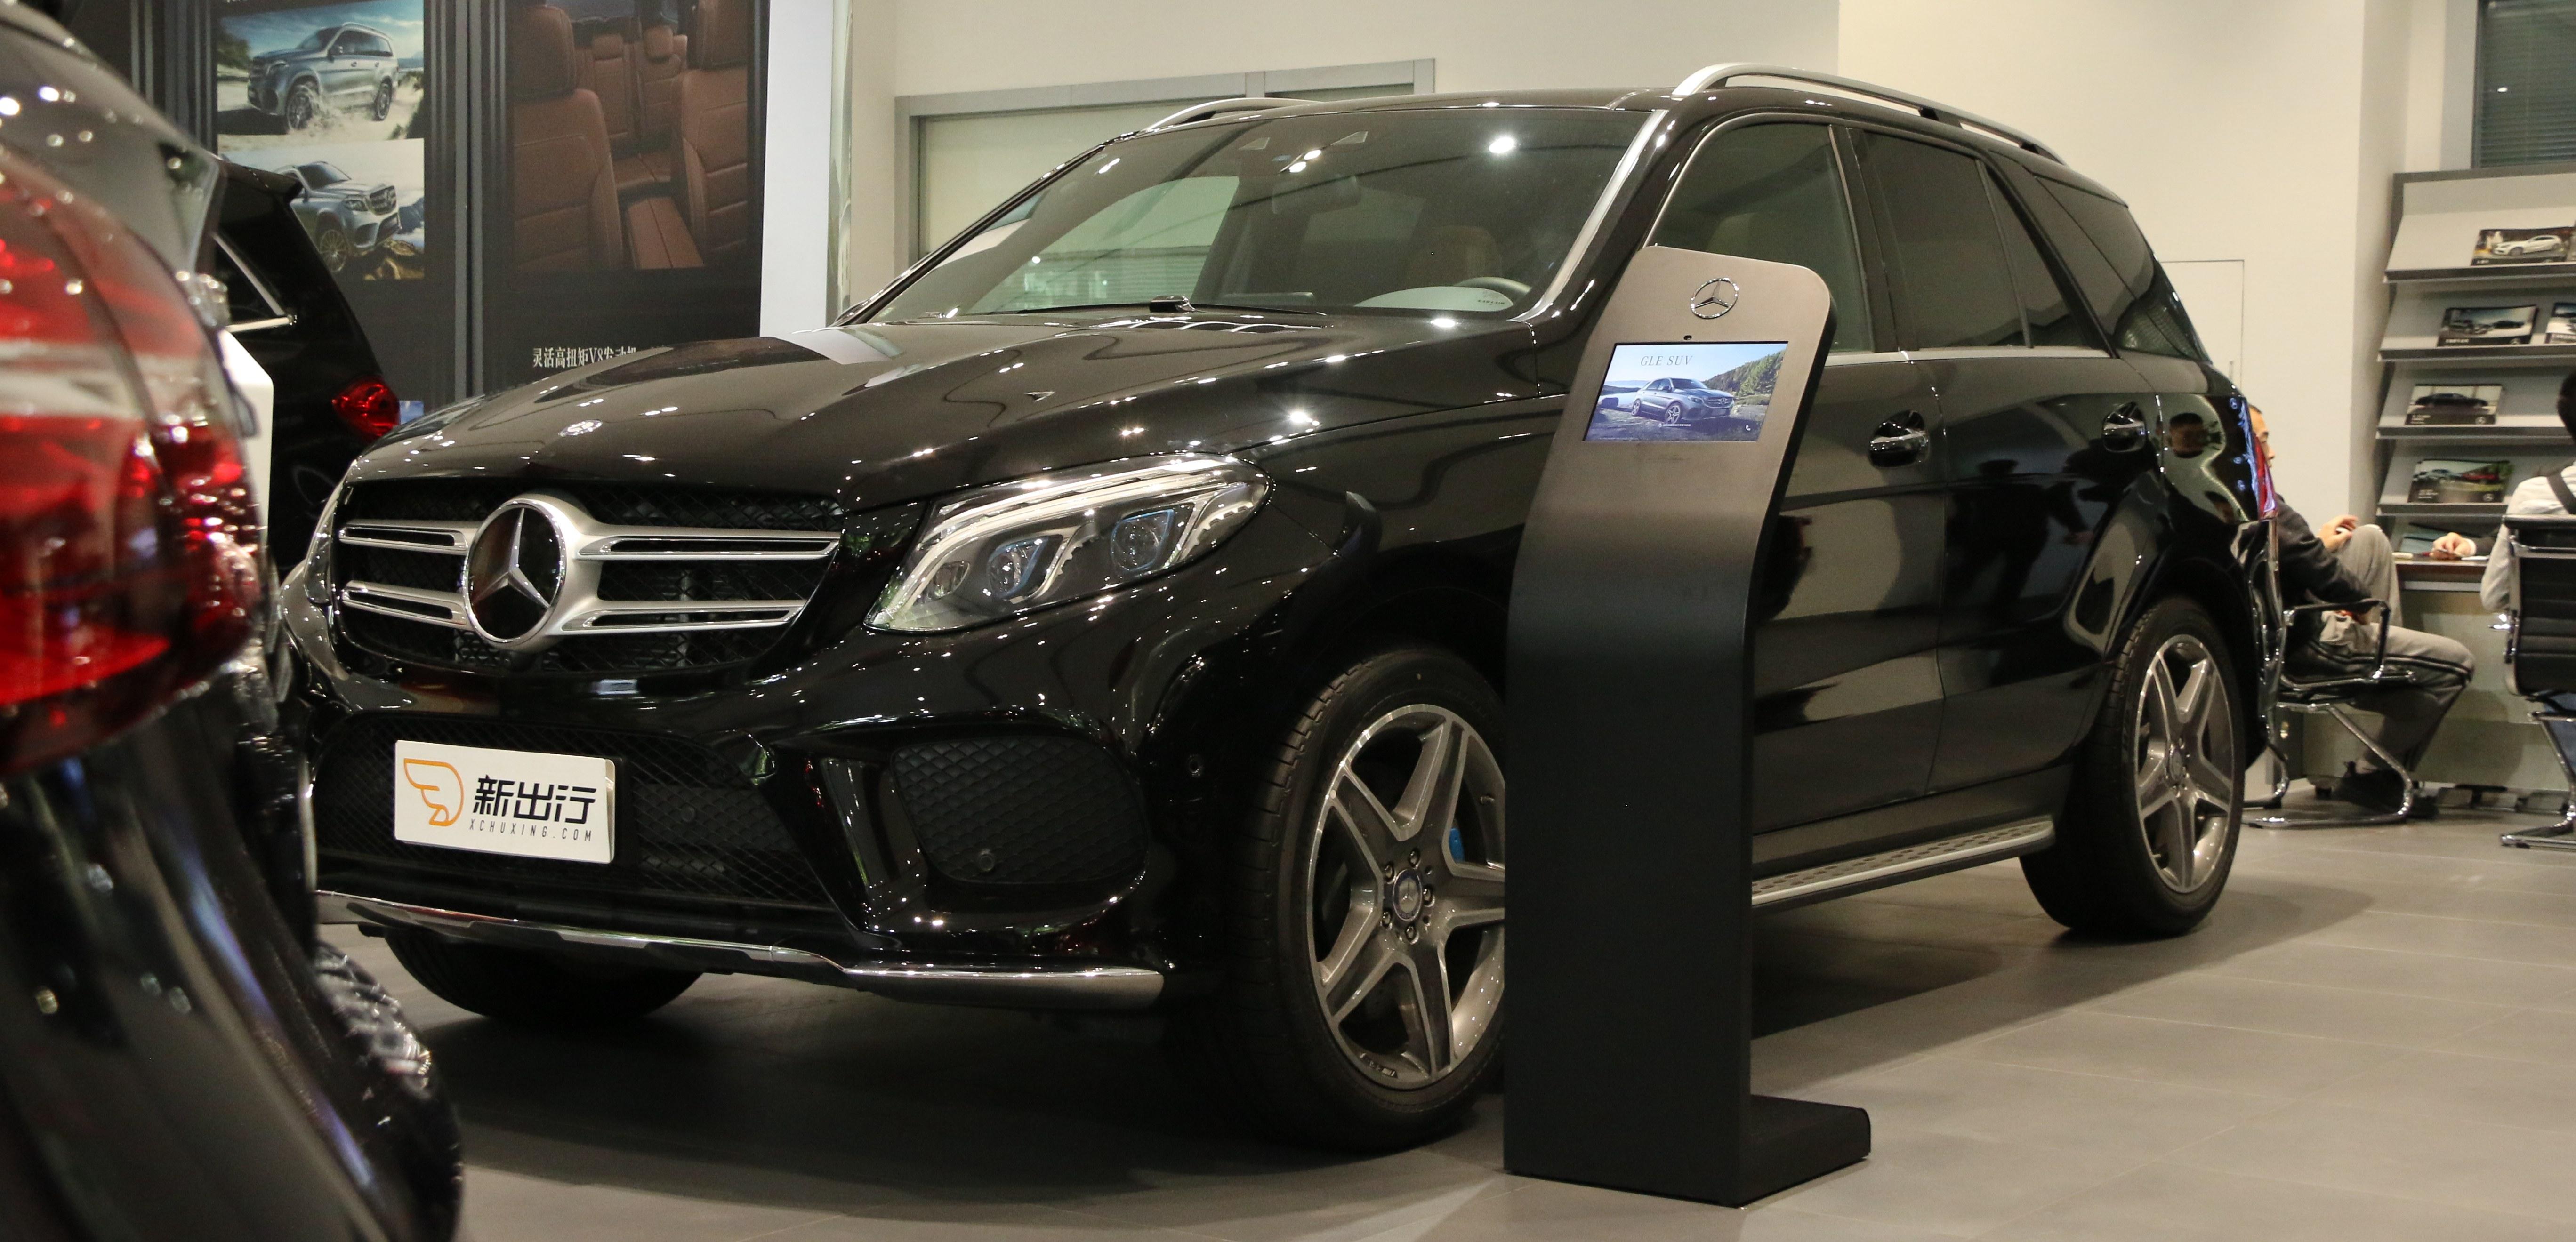 静态体验奔驰GLE 500e  做着环保梦的豪华 SUV